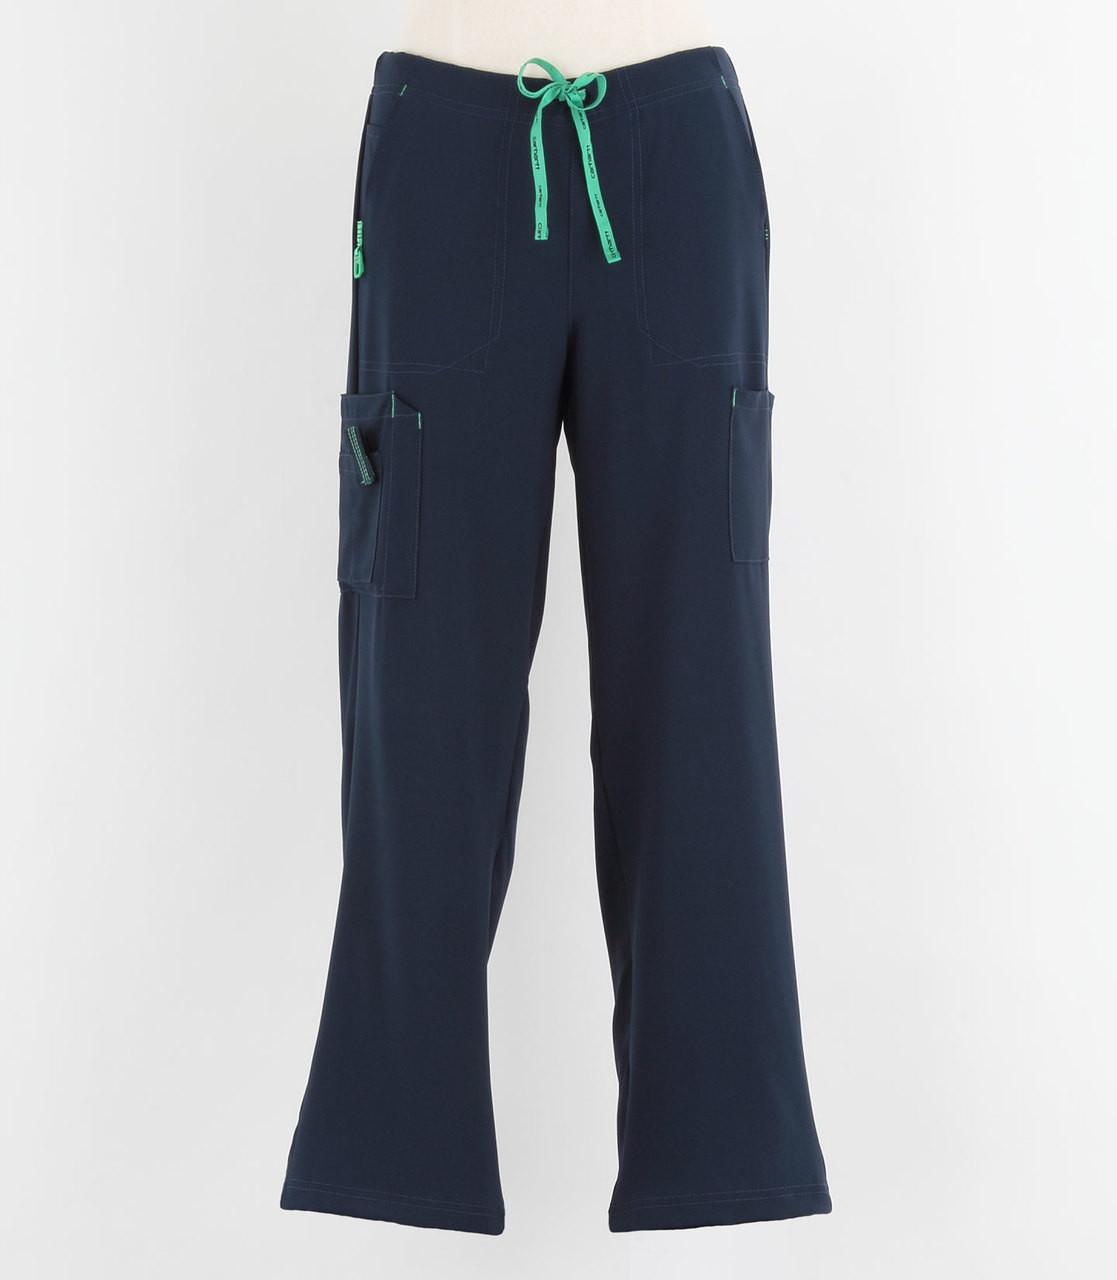 81eaec6d57 Carhartt Womens Cross Flex Boot Cut Scrub Pants Navy - Petite ... carhartt  scrubs